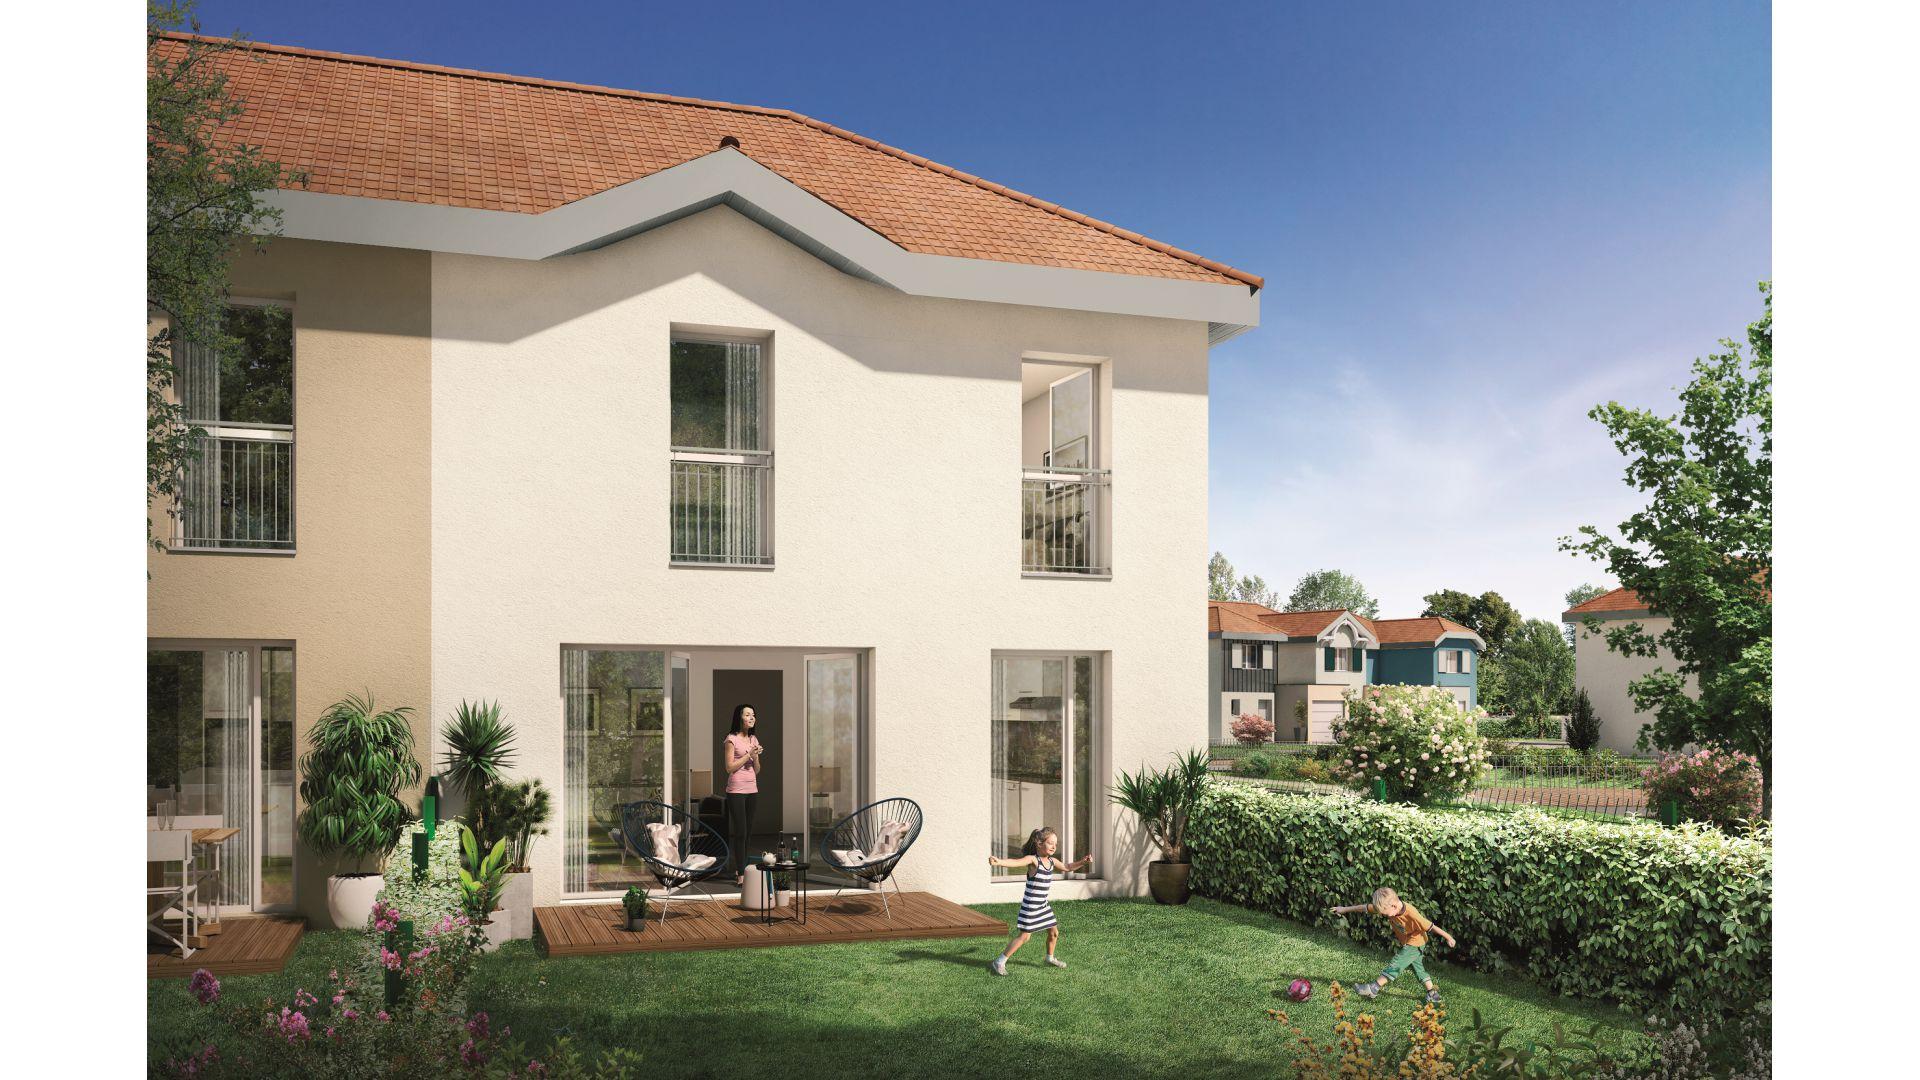 GreenCity immobilier - La Rochelle - Chatelaillon plage - Le Clos D Antoine - villa T4 - 17340